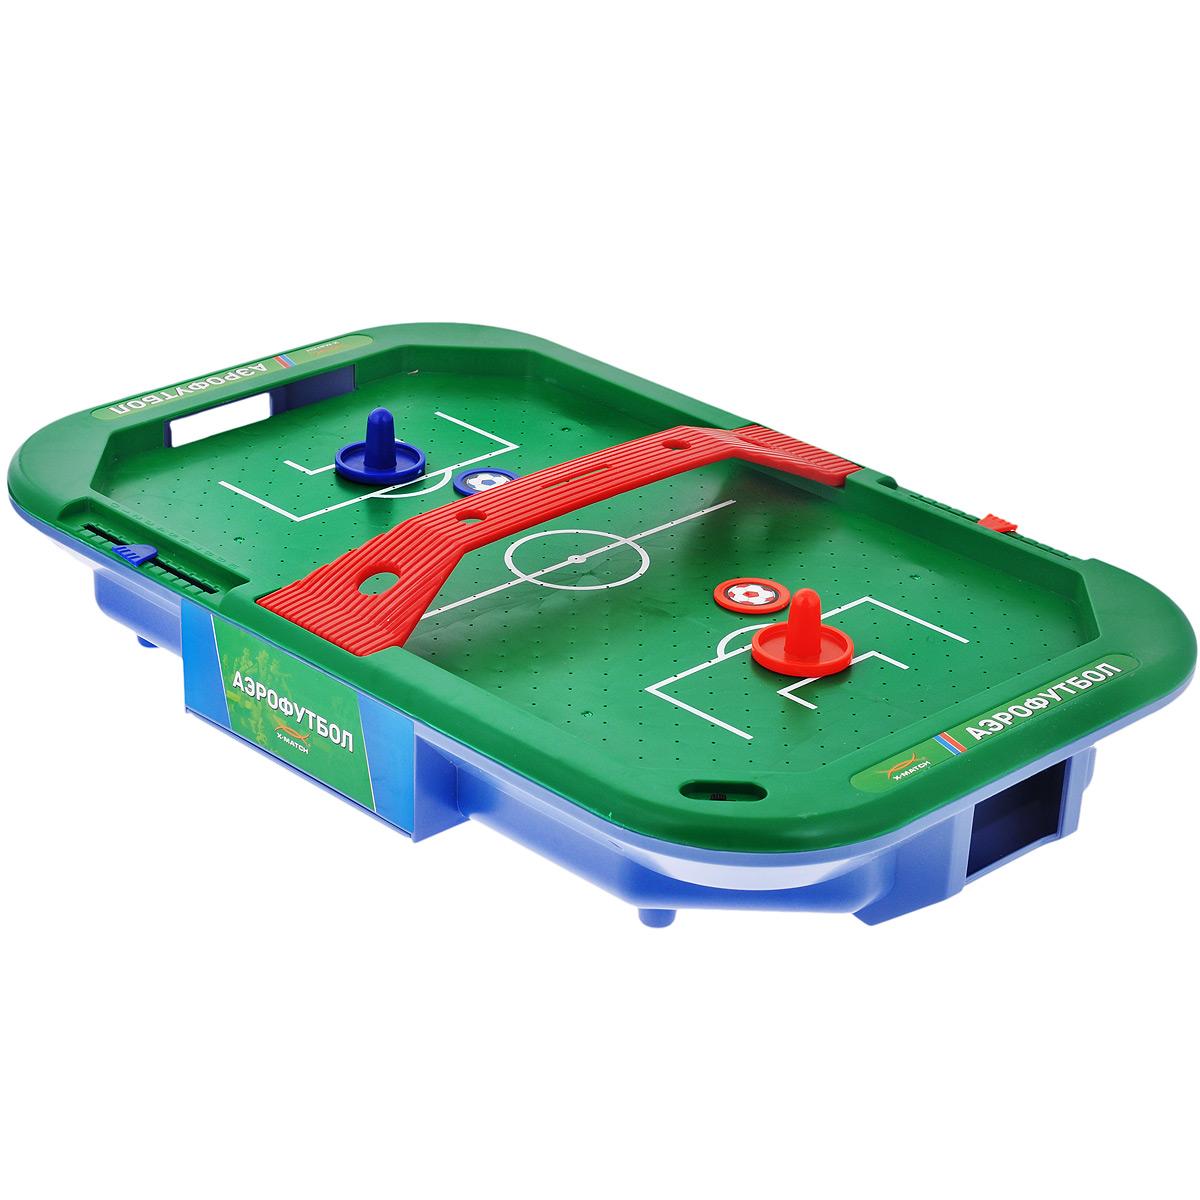 Настольная игра X-Match Аэрофутбол66450Настольная игра X-Match Аэрофутбол - увлекательное состязание для двух участников, которое позволит весело провести время в компании друг, развить отличную реакцию, а также поддержать хорошую физическую форму. С помощью бит игроки защищают свои ворота и забивают в ворота противника шайбы, оформленные изображением футбольного мяча. Набор состоит из игрового поля с двумя табло для фиксации счета, перегородки, двух шайб и двух бит. Игровое поле представляет собой гладкую игровую поверхность зеленого цвета, окруженную бортиком, предотвращающим падение шайбы и бит. По краям поля расположены ворота с отверстиями, через которые возвращается забитая шайба. При помощи небольших дырочек на игровой поверхности создается циркуляция воздуха, уменьшая трение и увеличивая тем самым скорость игры. Порадуйте ребенка таким замечательным подарком! Необходимо докупить 2 батарейки напряжением 1,5V типа D (LR20) (не входят в комплект).